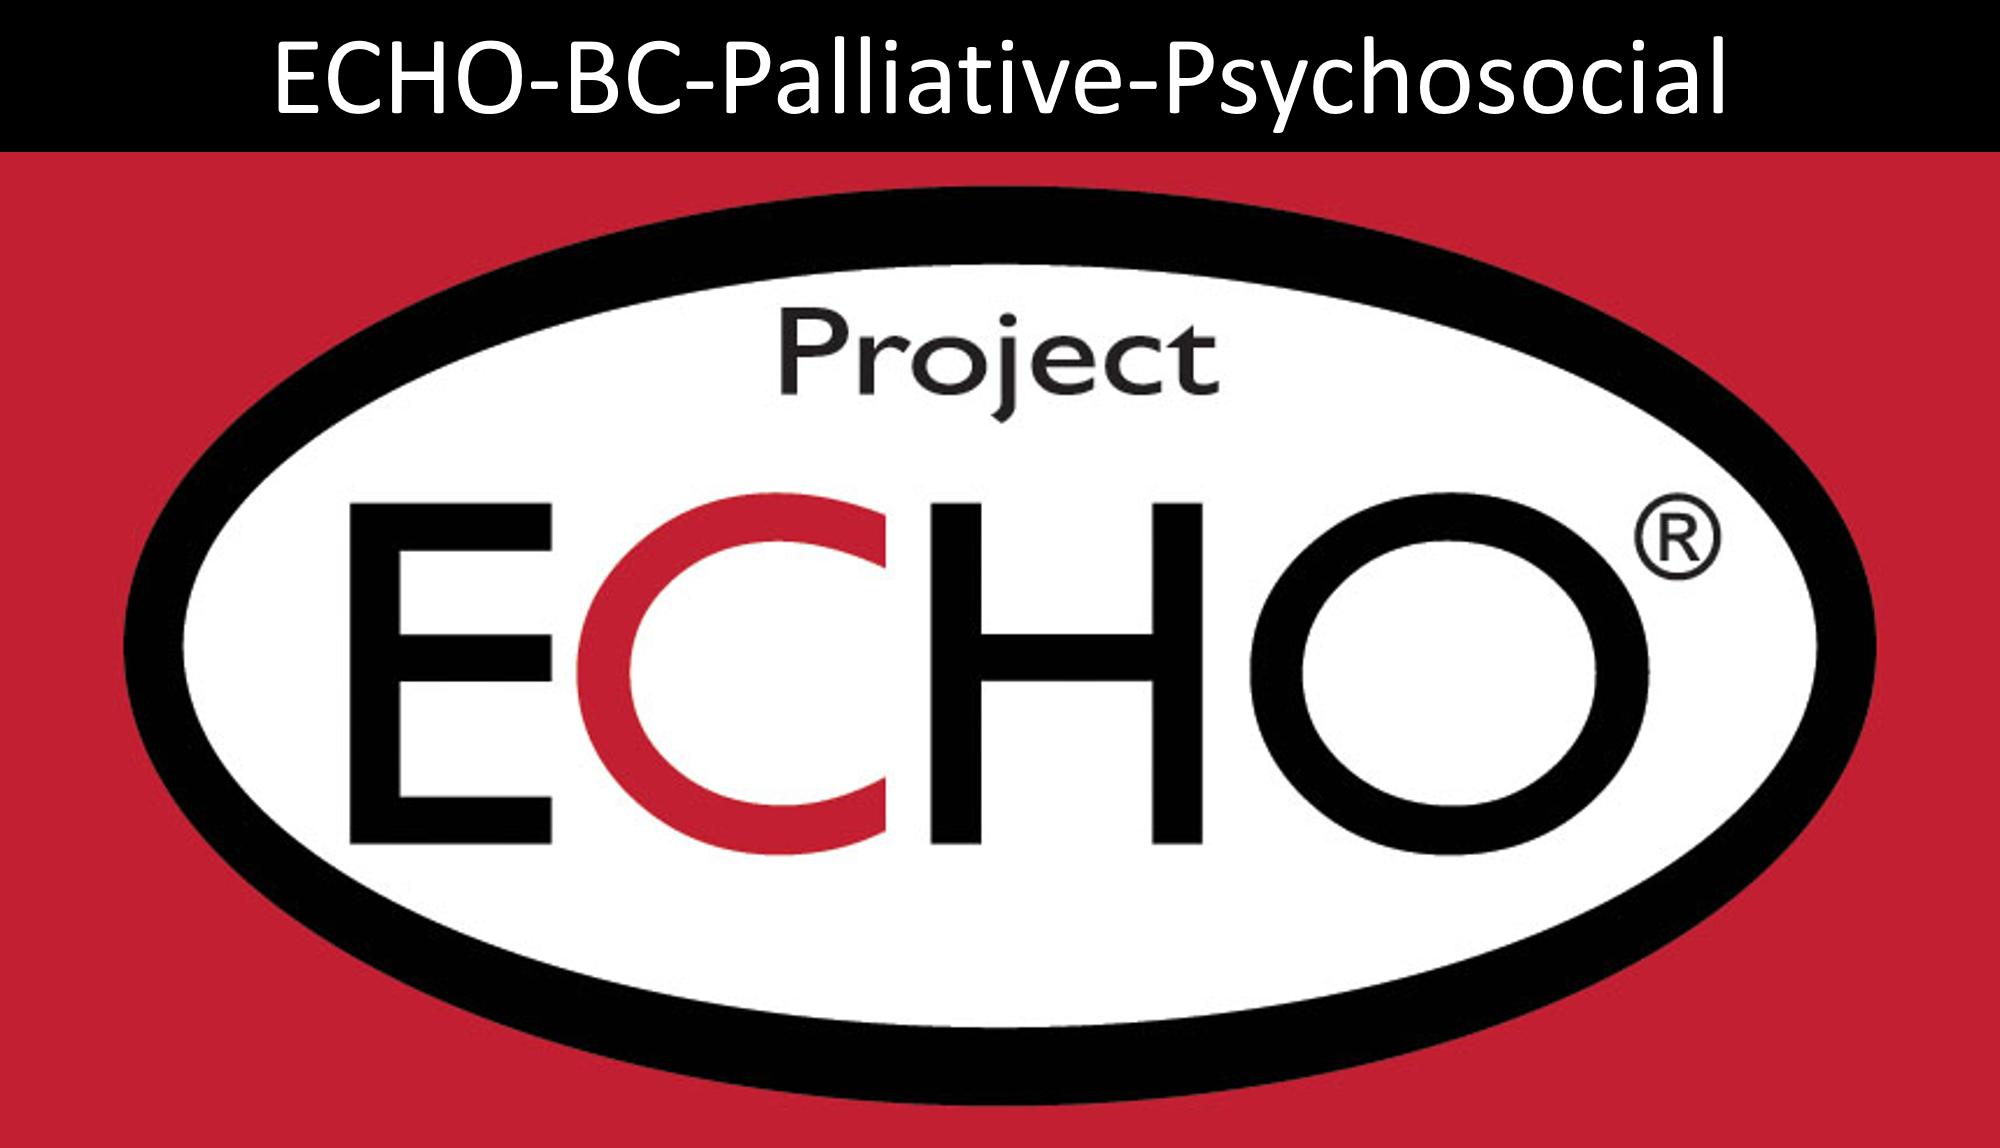 Echo project logo